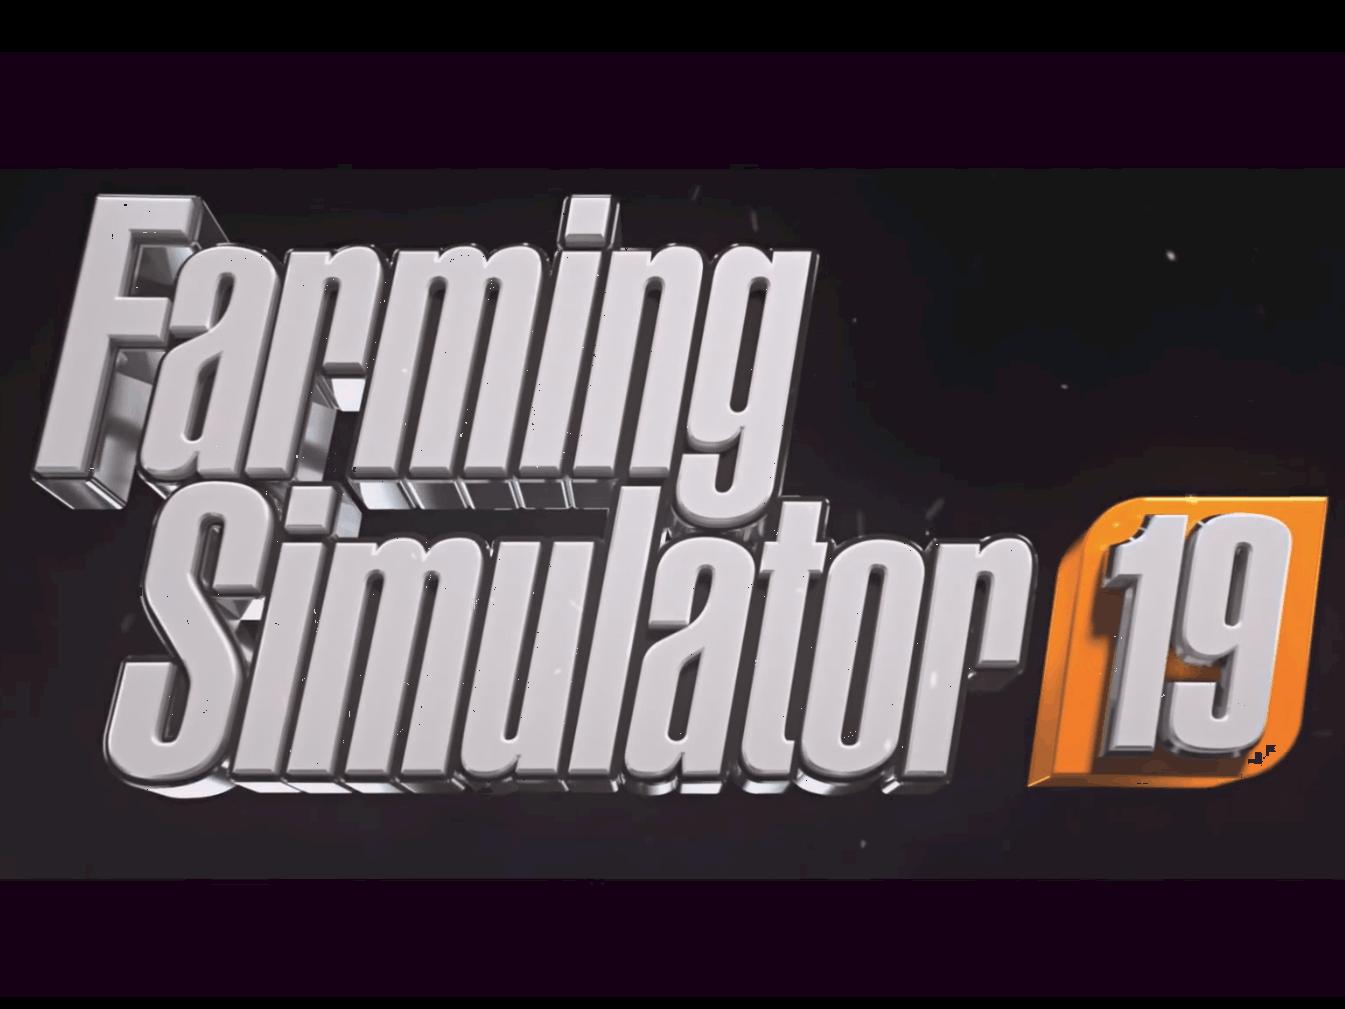 Le nouveau Farming Simulator 19 sort cet automne et il s'annonce plus réaliste que jamais